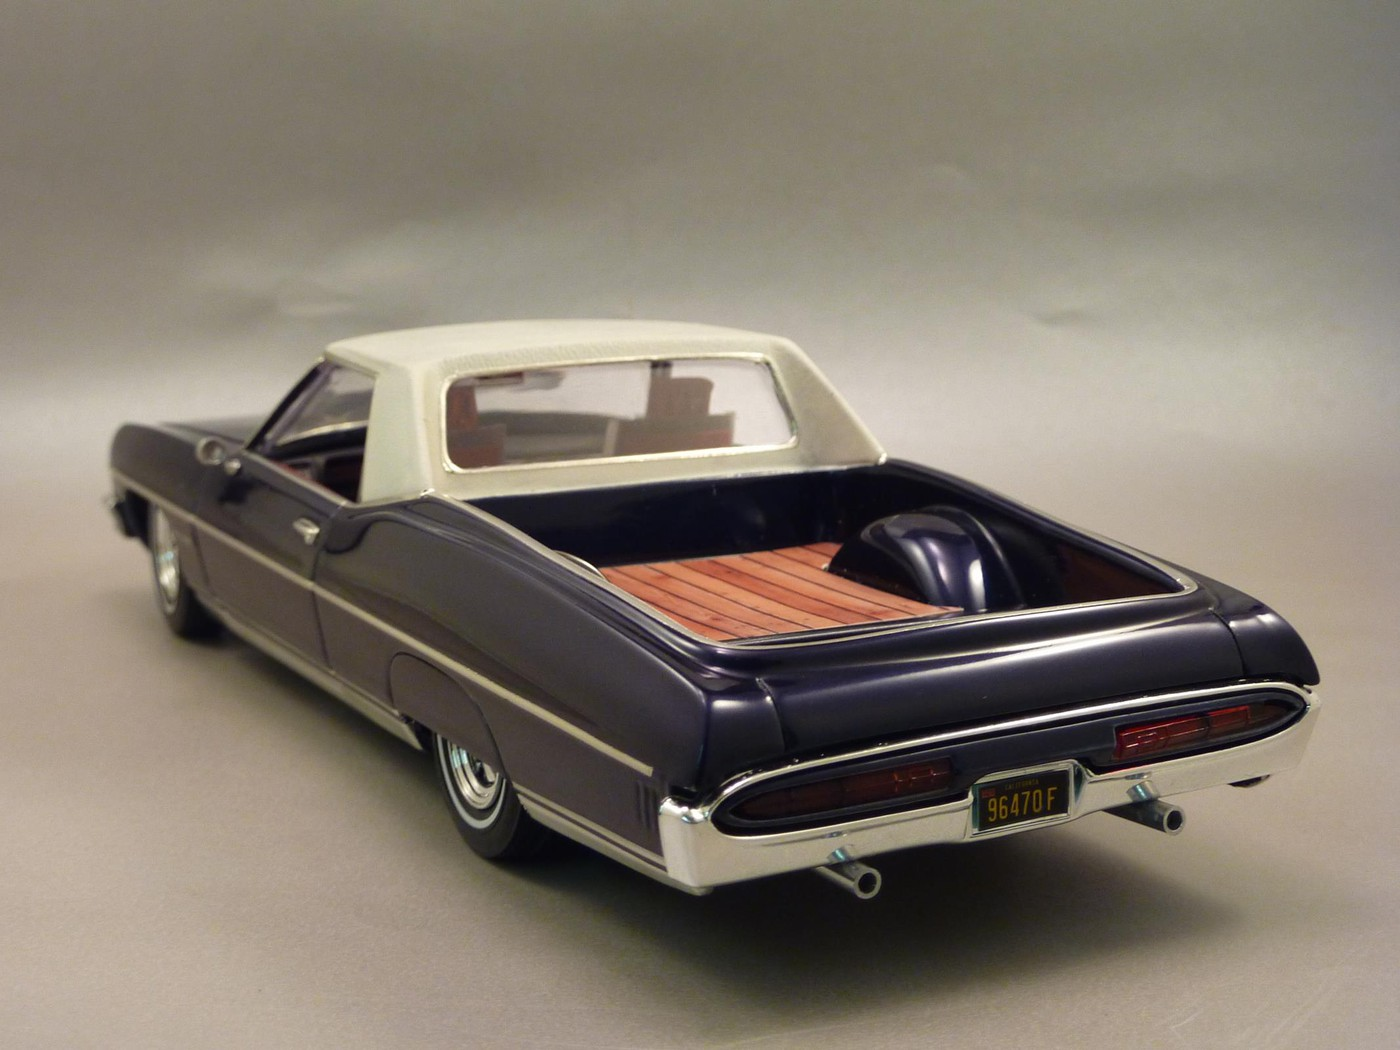 Pontiac Bonneville  70 Pick Up terminée Photo24-vi